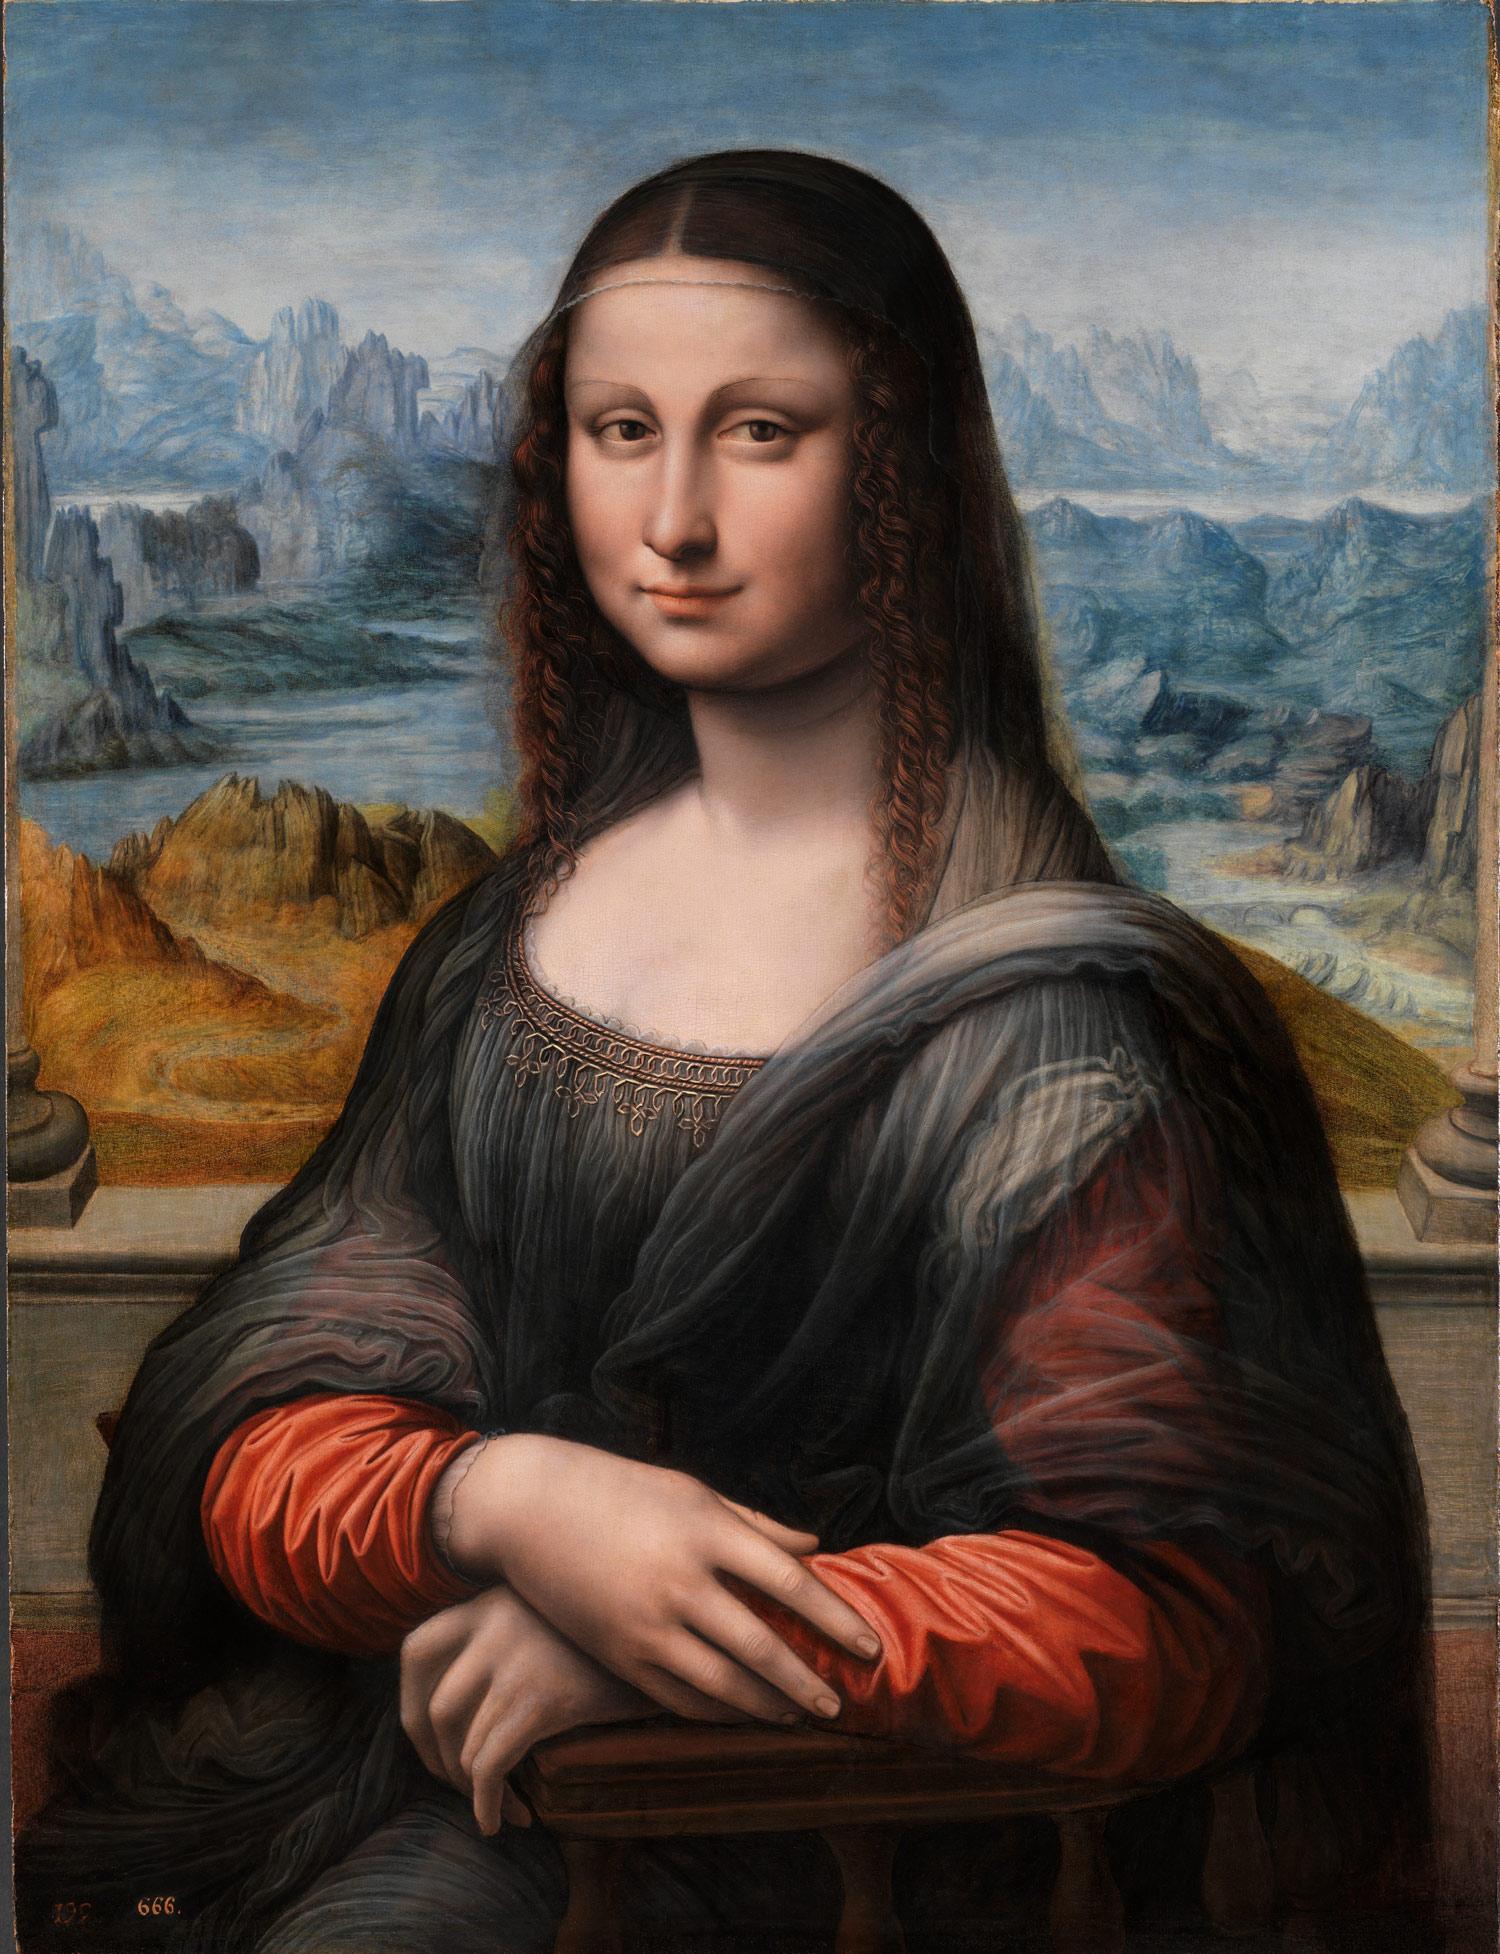 Bottega di Leonardo, Copia della Gioconda (olio su tavola, 76,3 x 57 cm; Madrid, Prado)